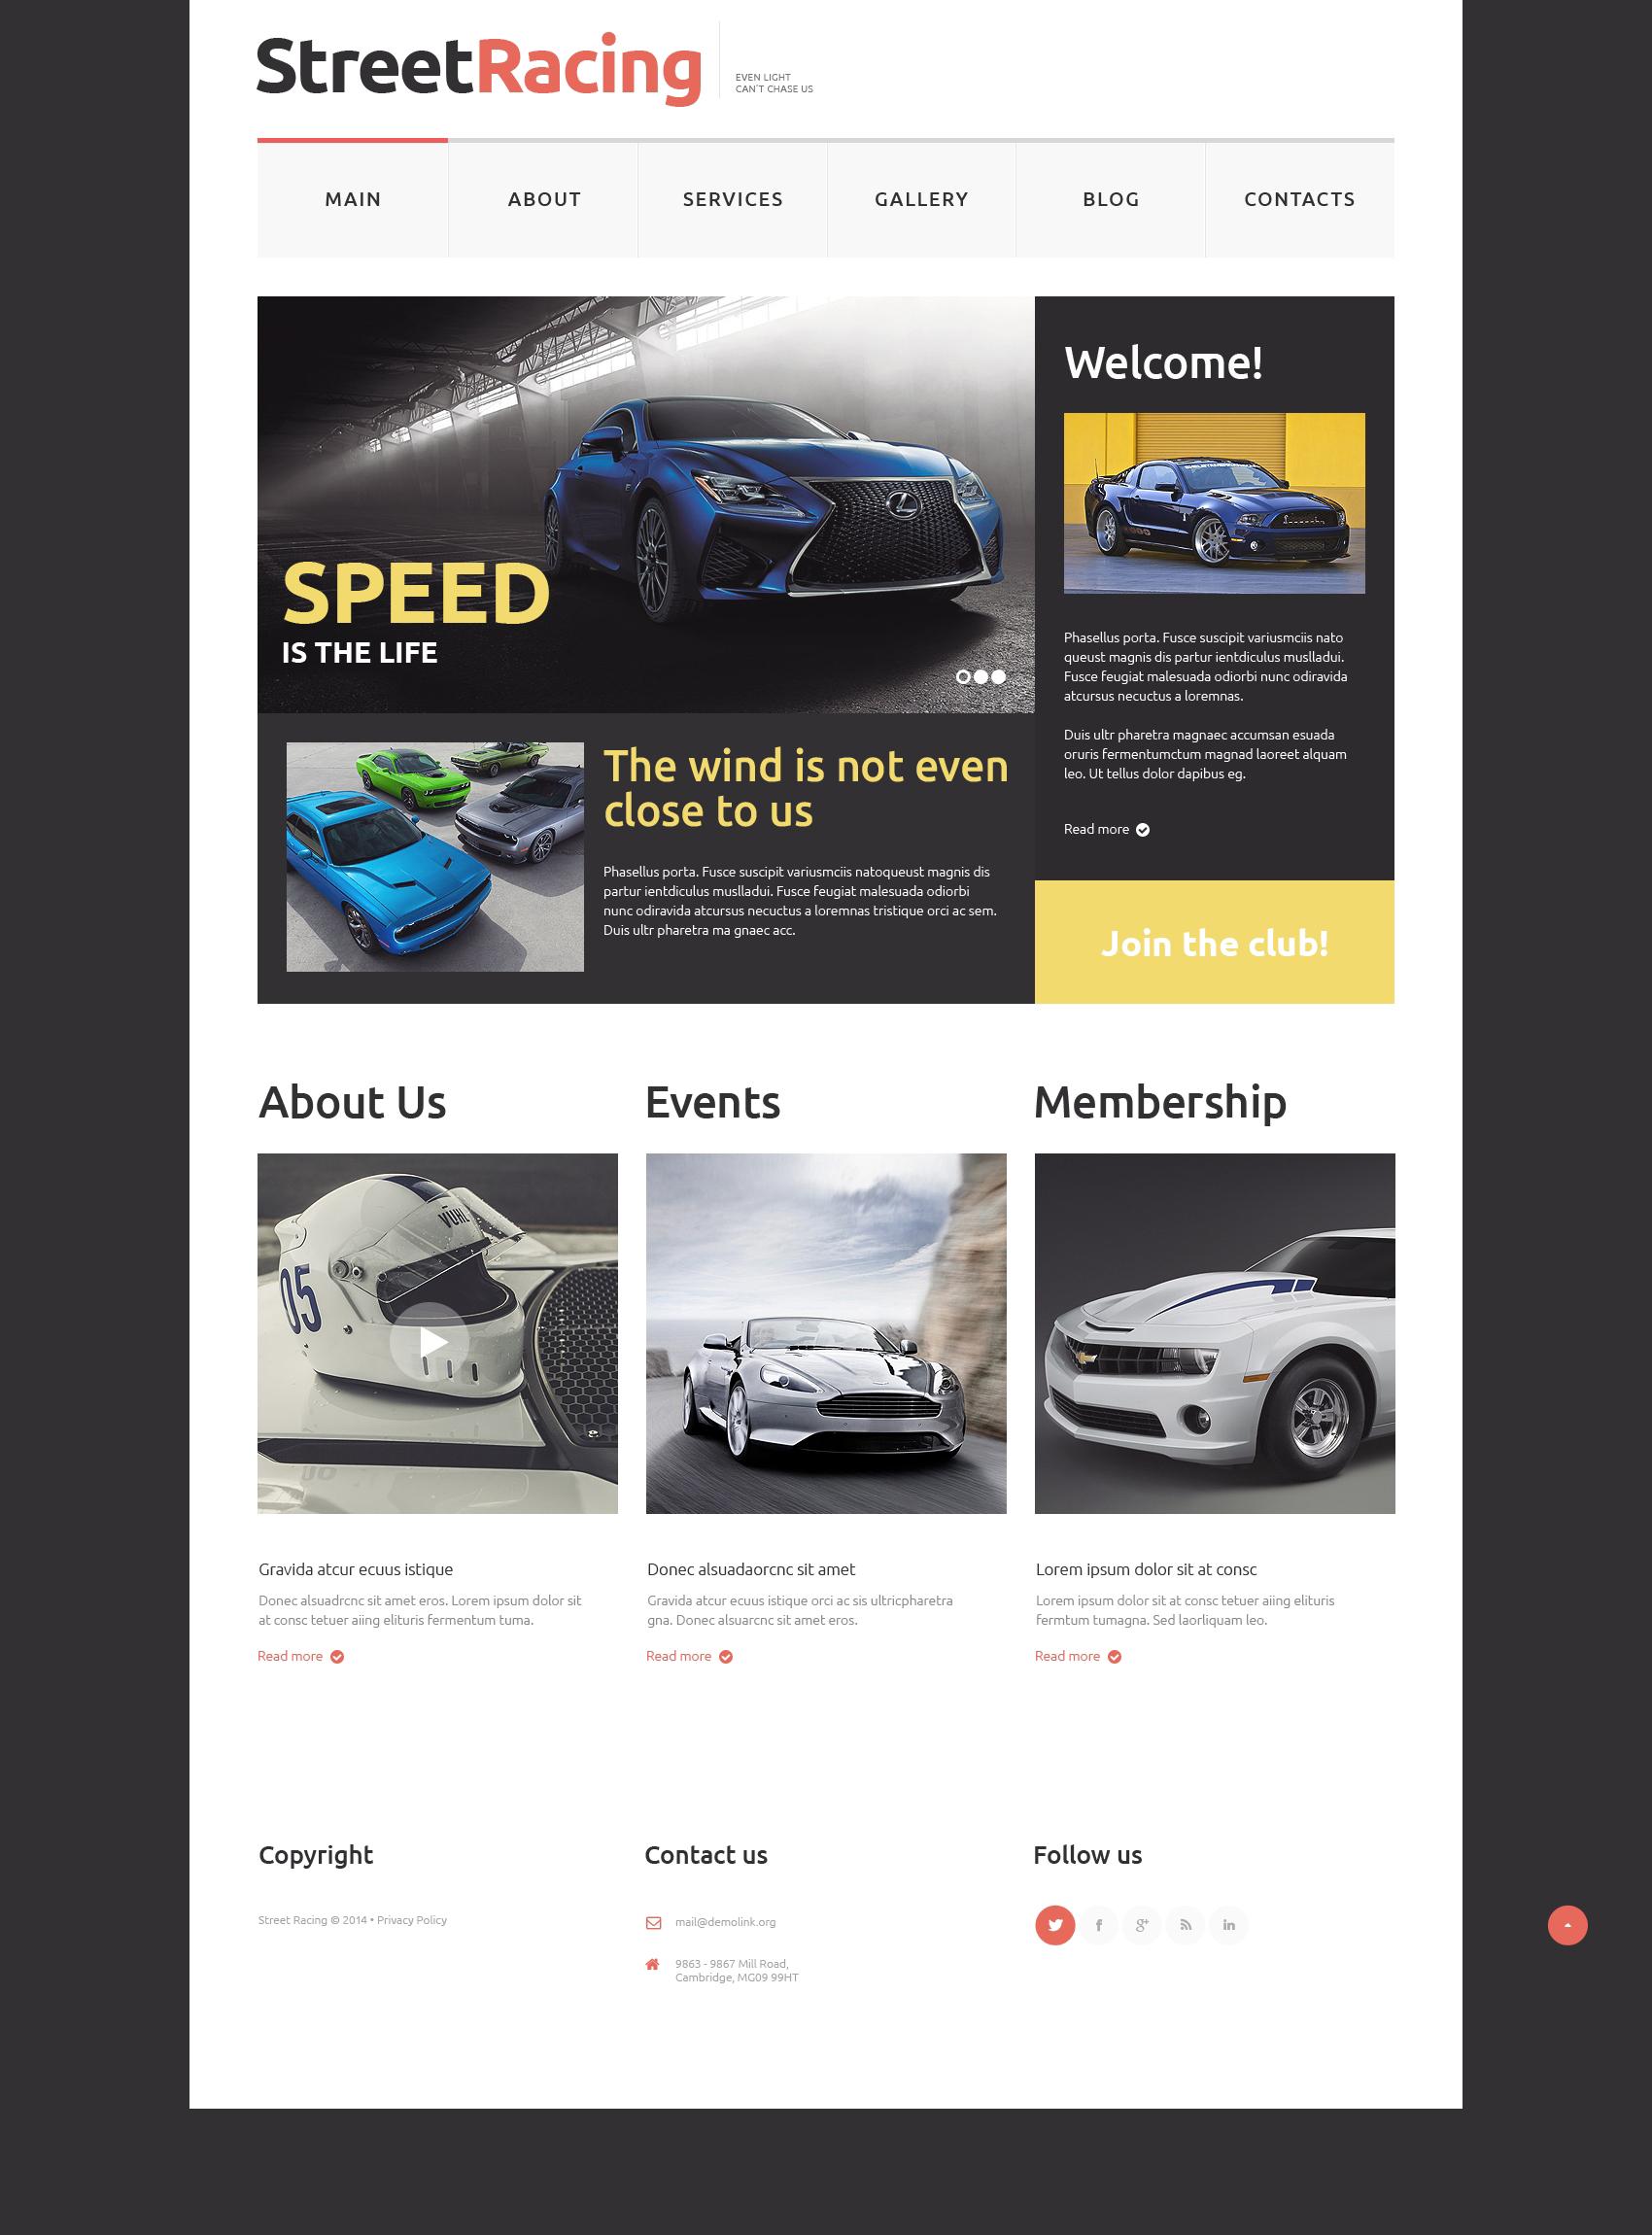 Plantilla Web Responsive para Sitio de Carreras de coches #50728 - captura de pantalla